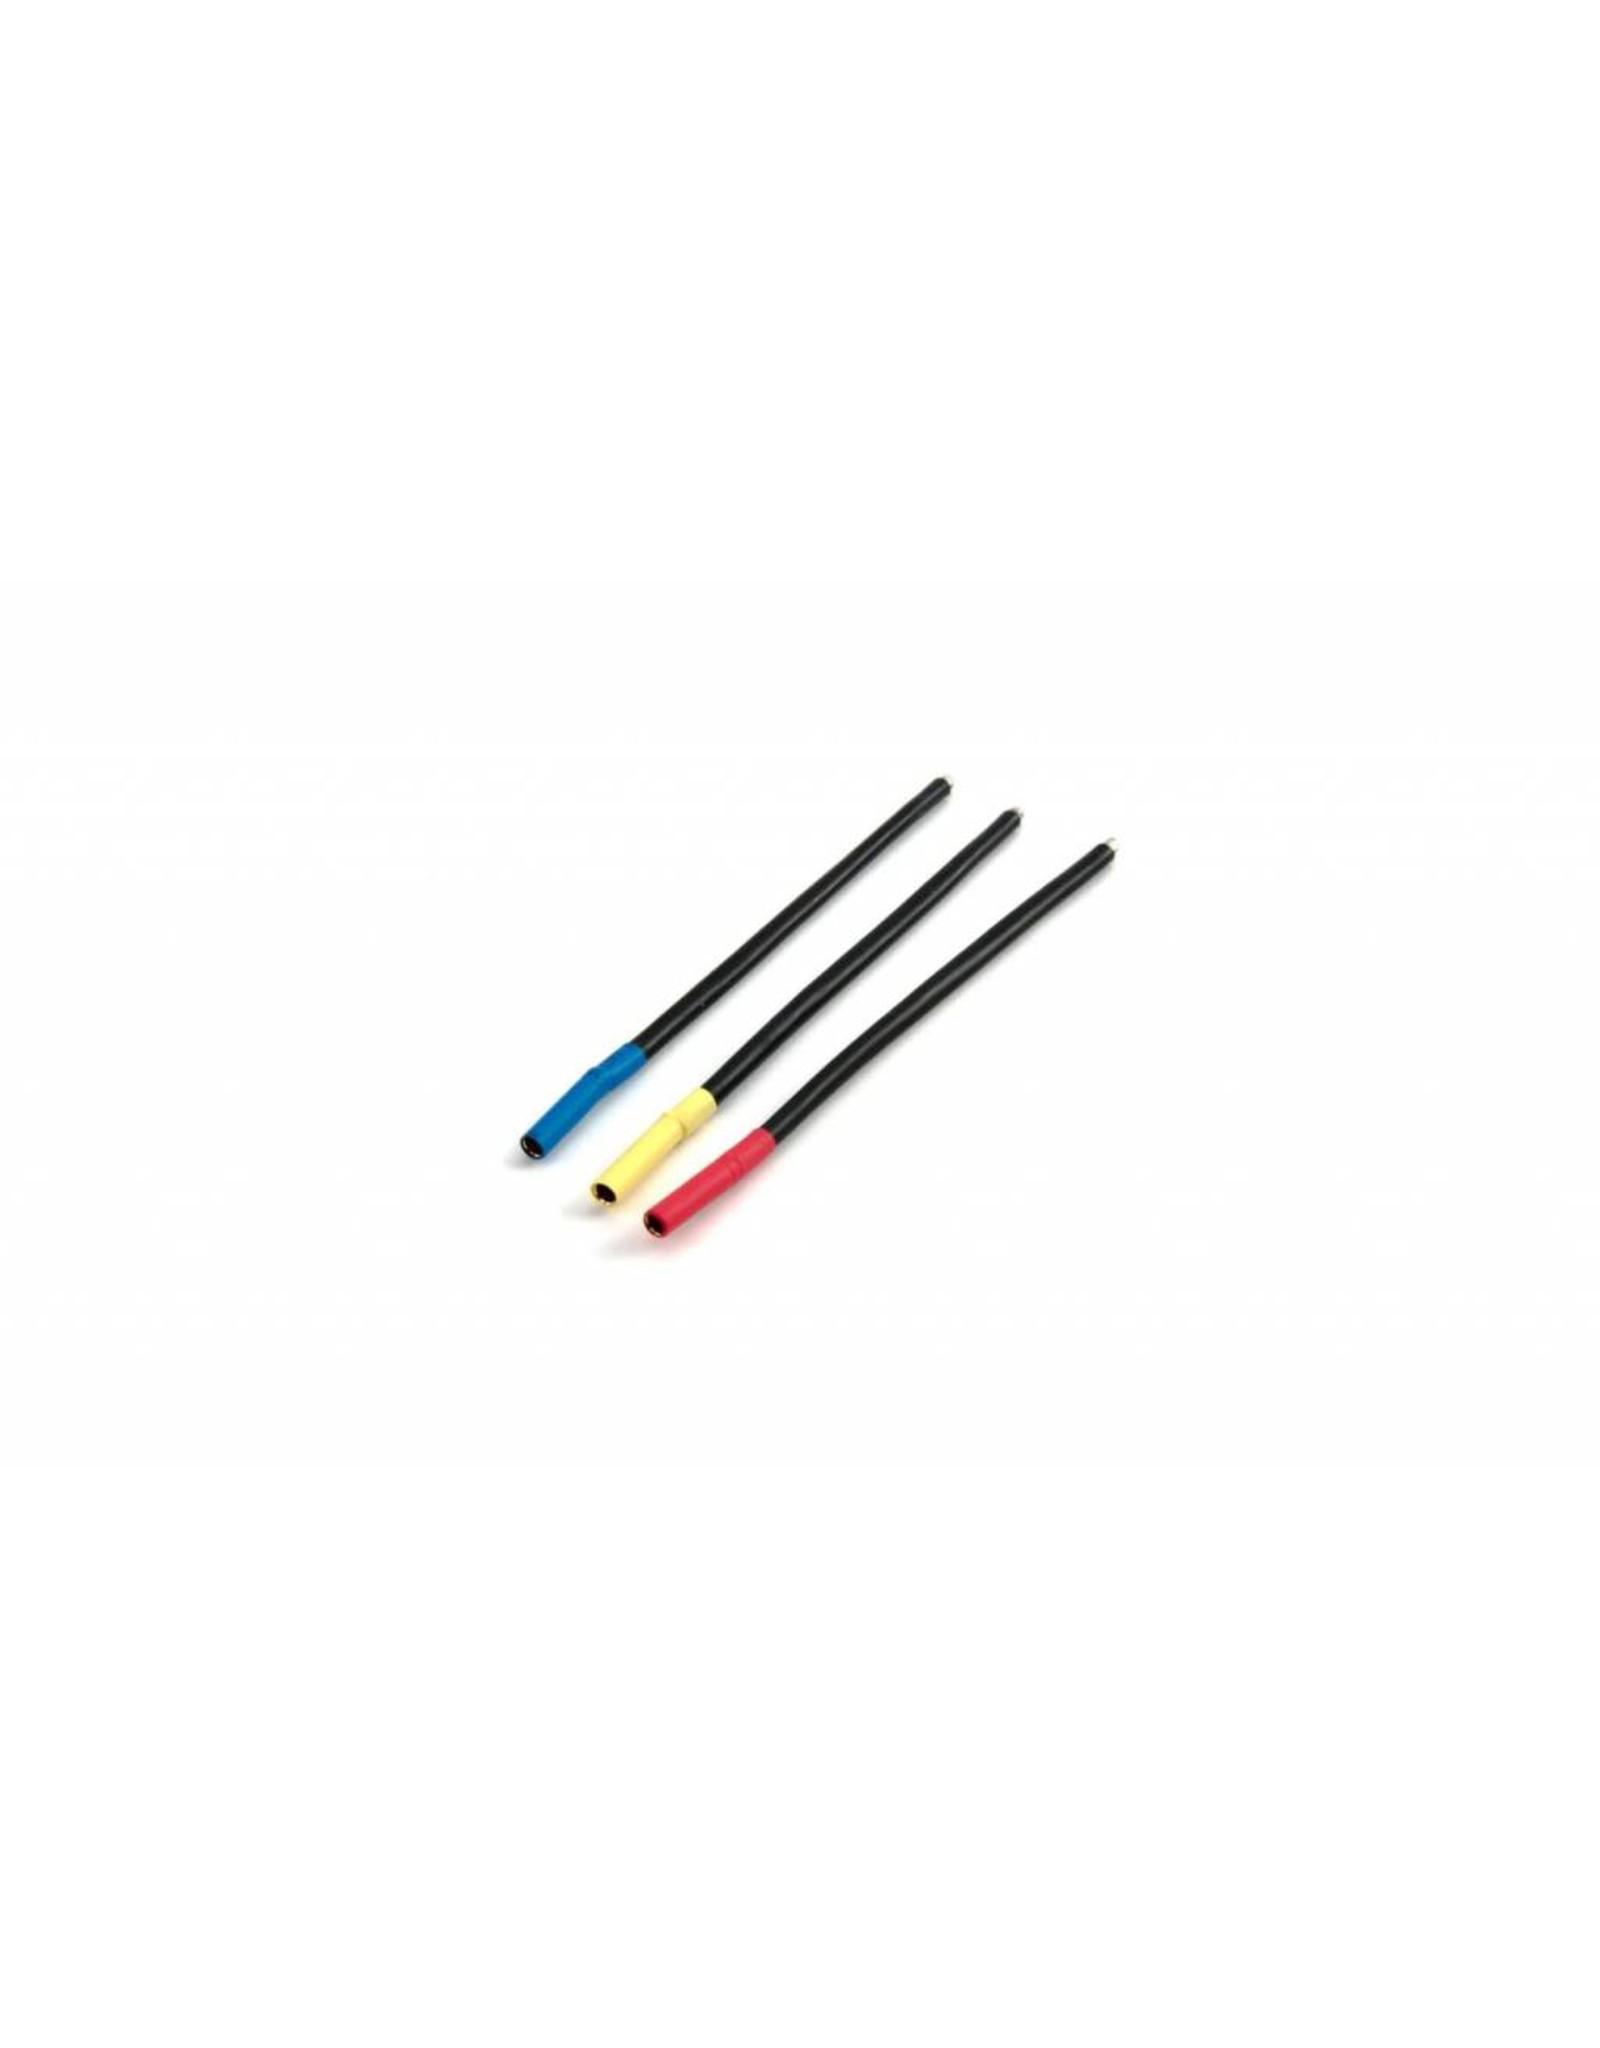 Dynamite BL Motor Wire Set, 4mm Bullet Conn, Female,Bl/Yel/Org (DYNC0138)